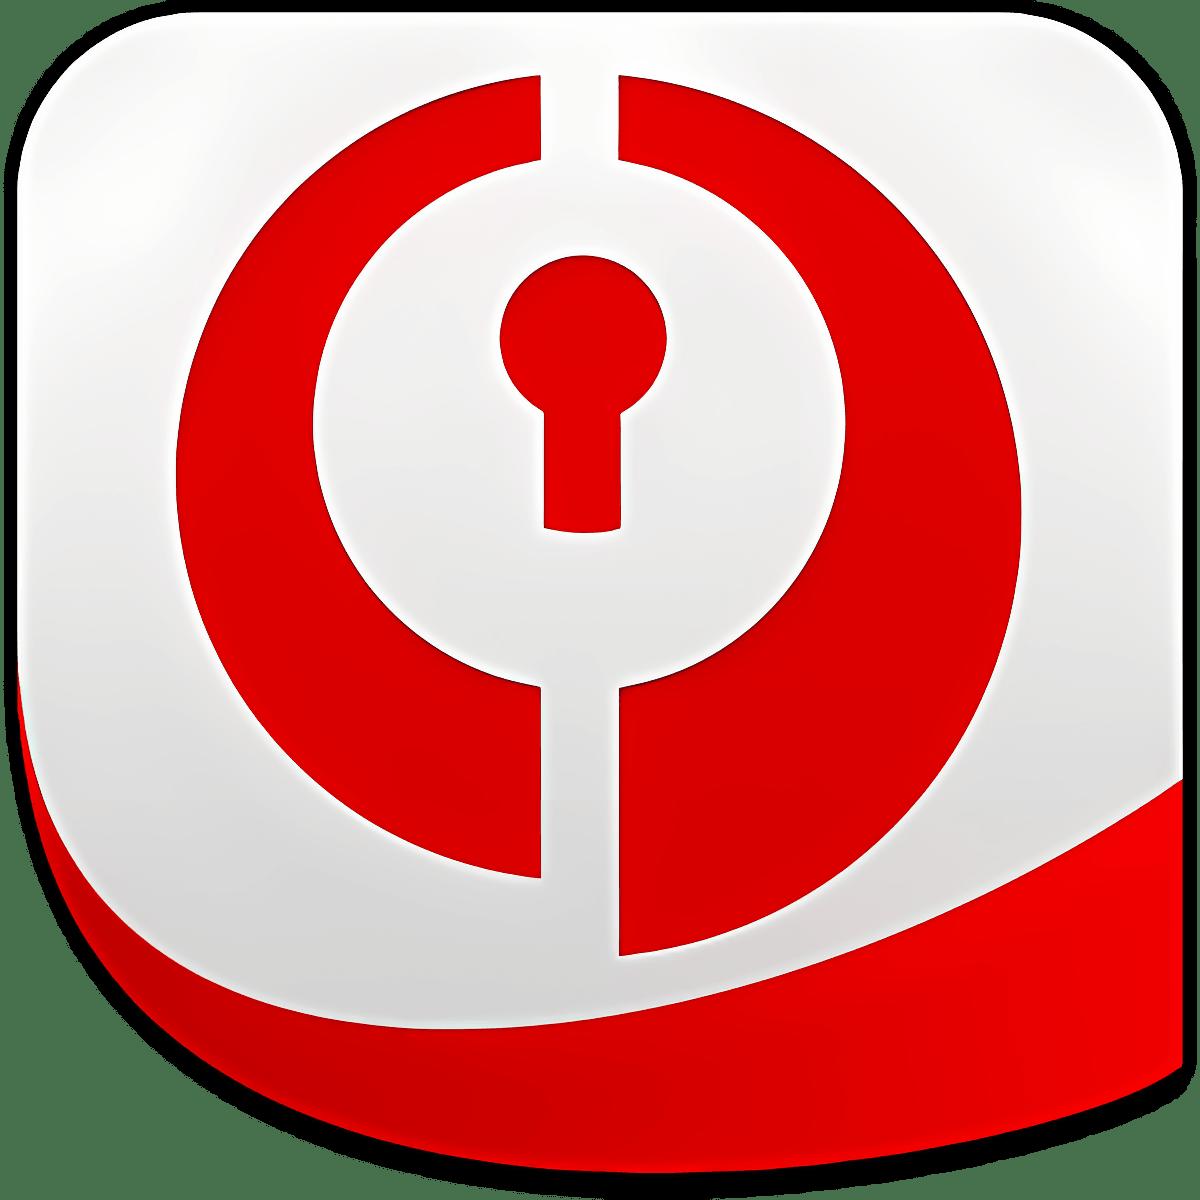 パスワードマネージャー™ (タブレット用)